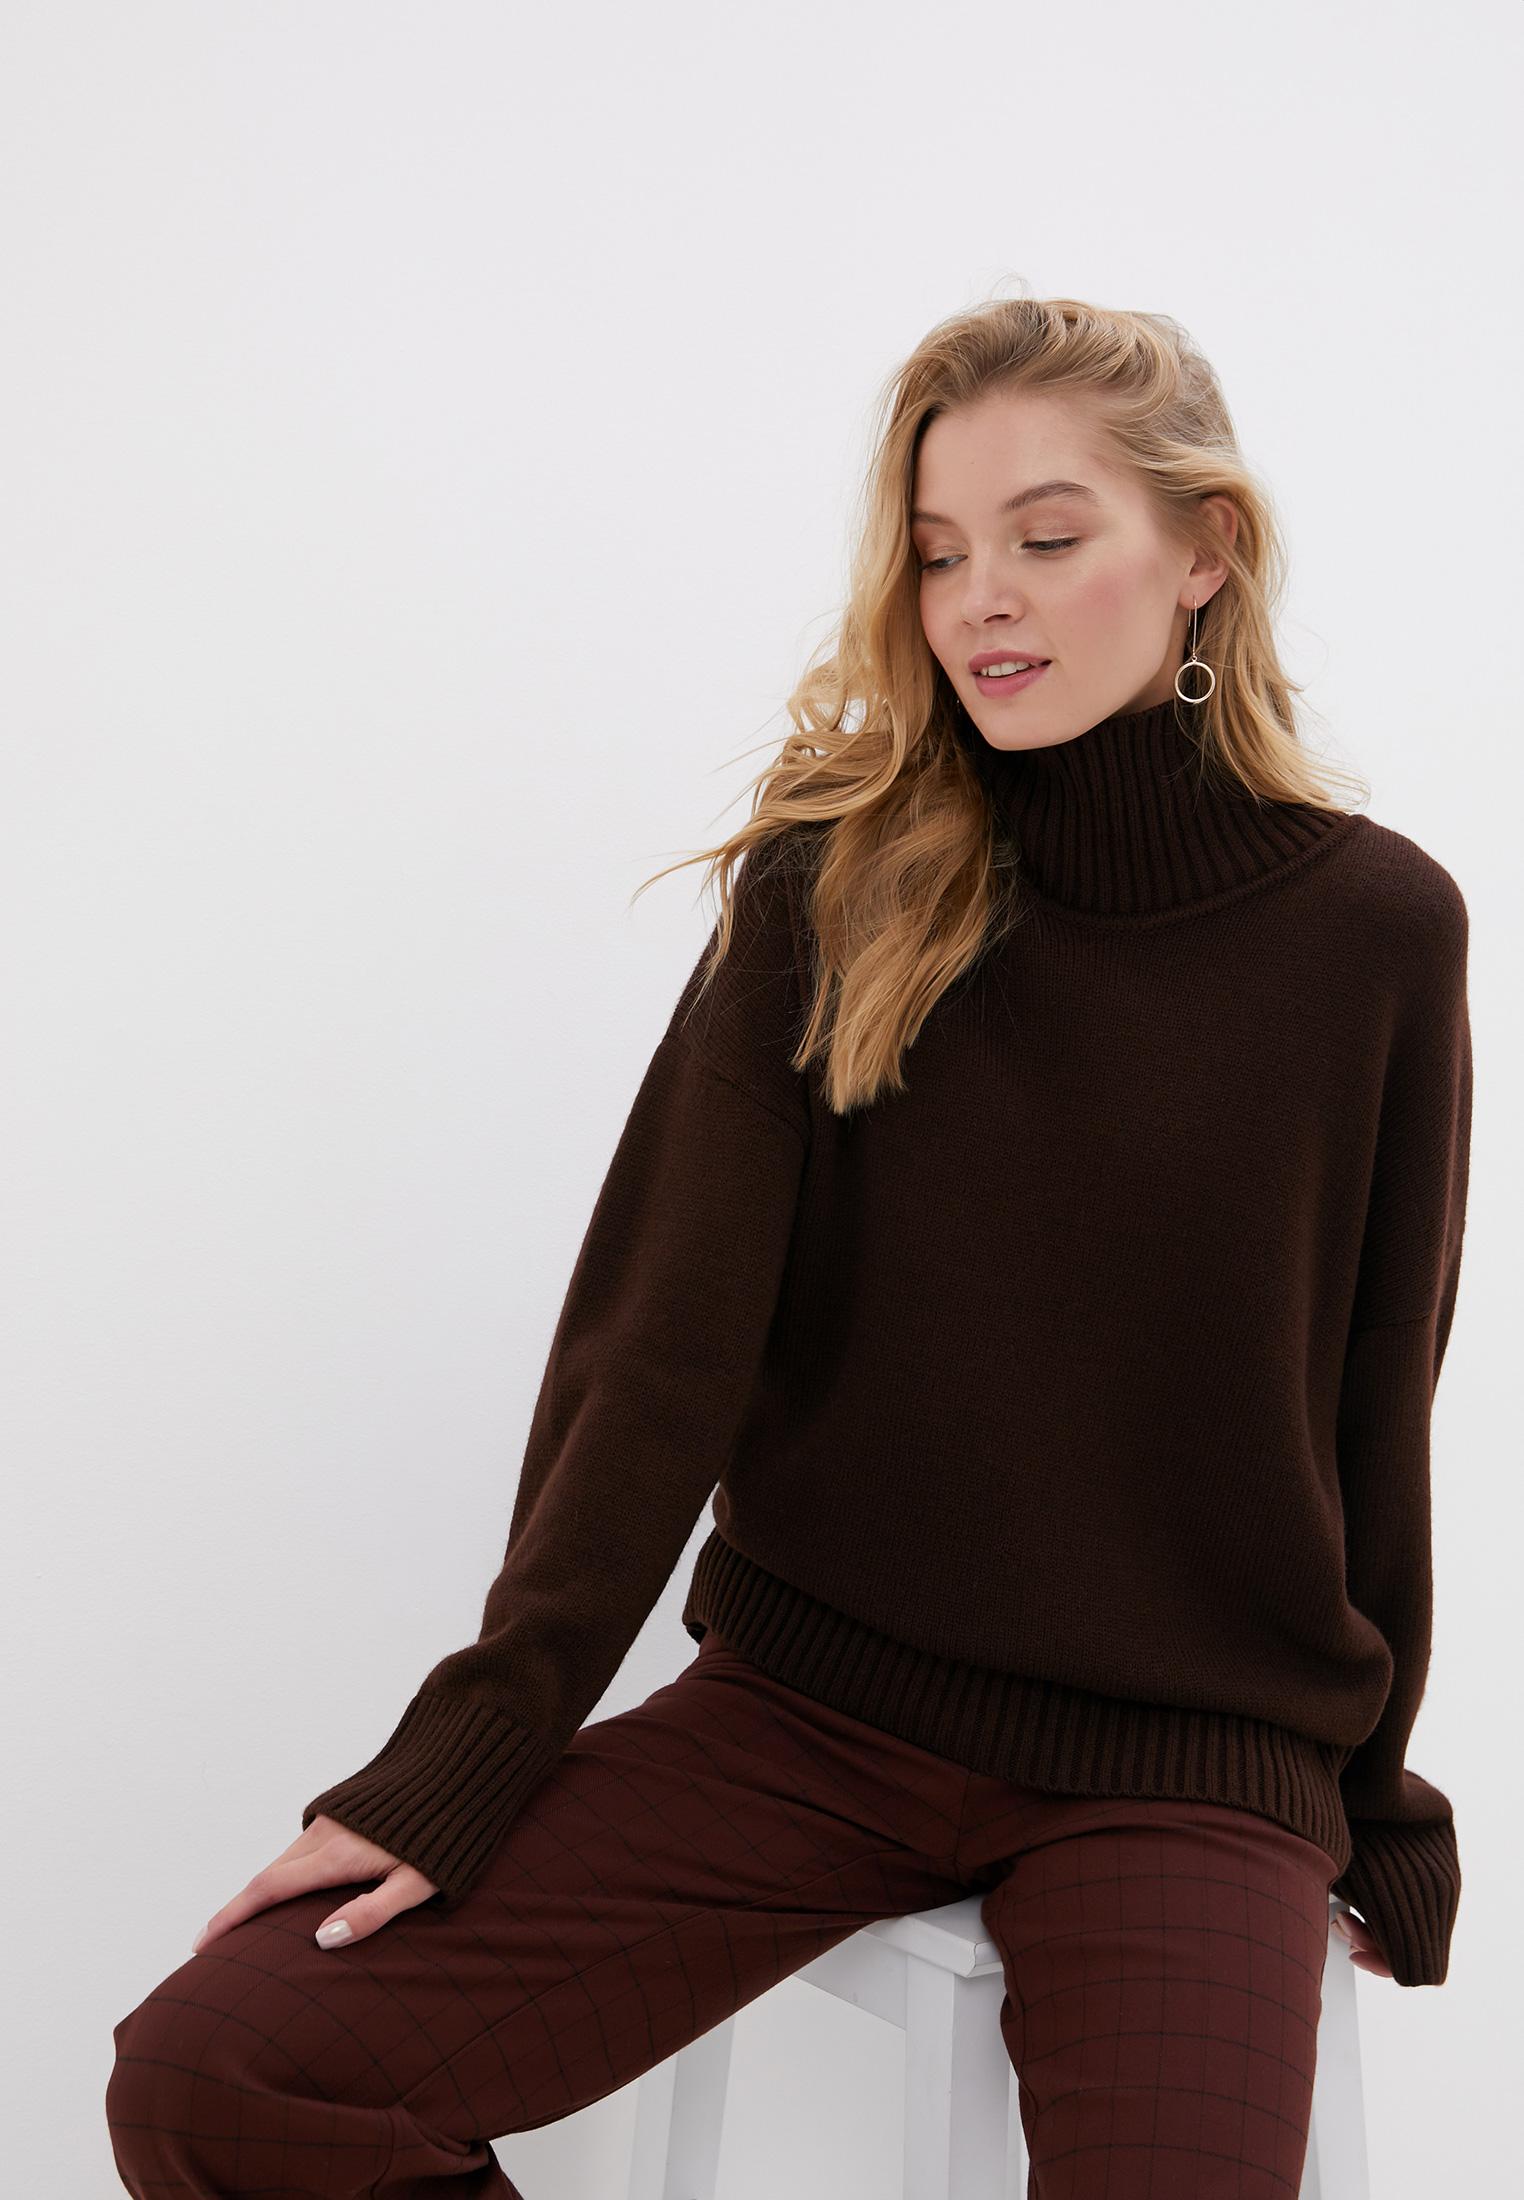 Свитер, Victoria Kuksina, цвет: коричневый. Артикул: MP002XW0DHKV. Одежда / Джемперы, свитеры и кардиганы